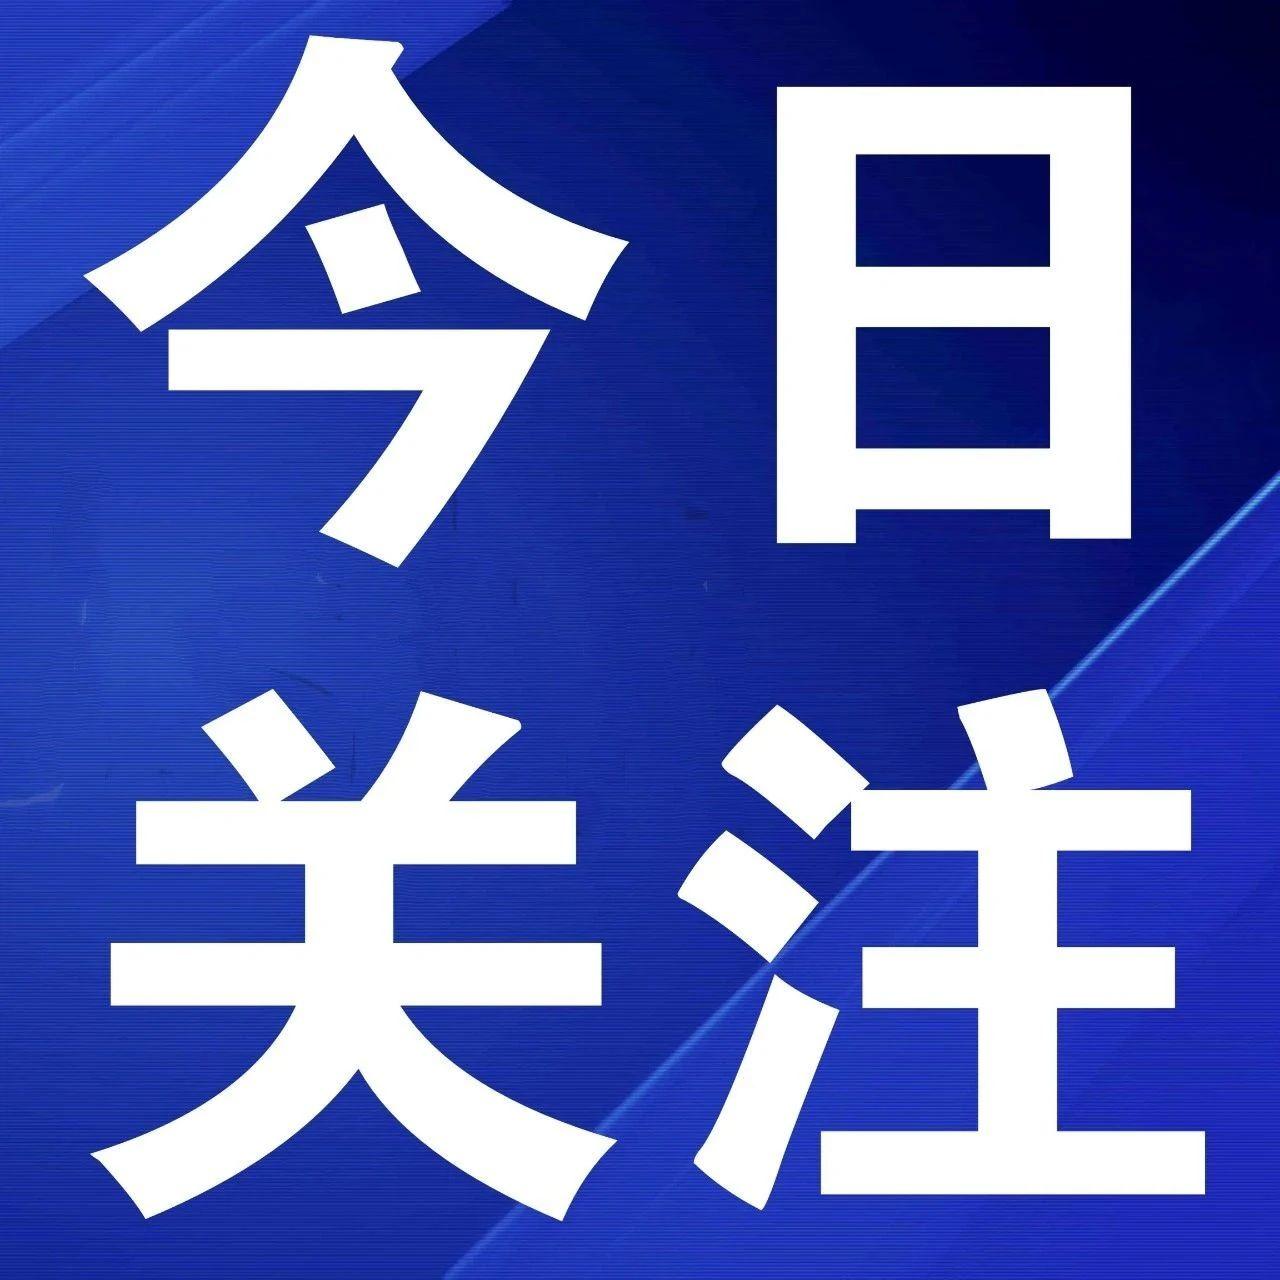 吉林省消费者协会倡议:鼓励供暖最低18℃,提至20℃